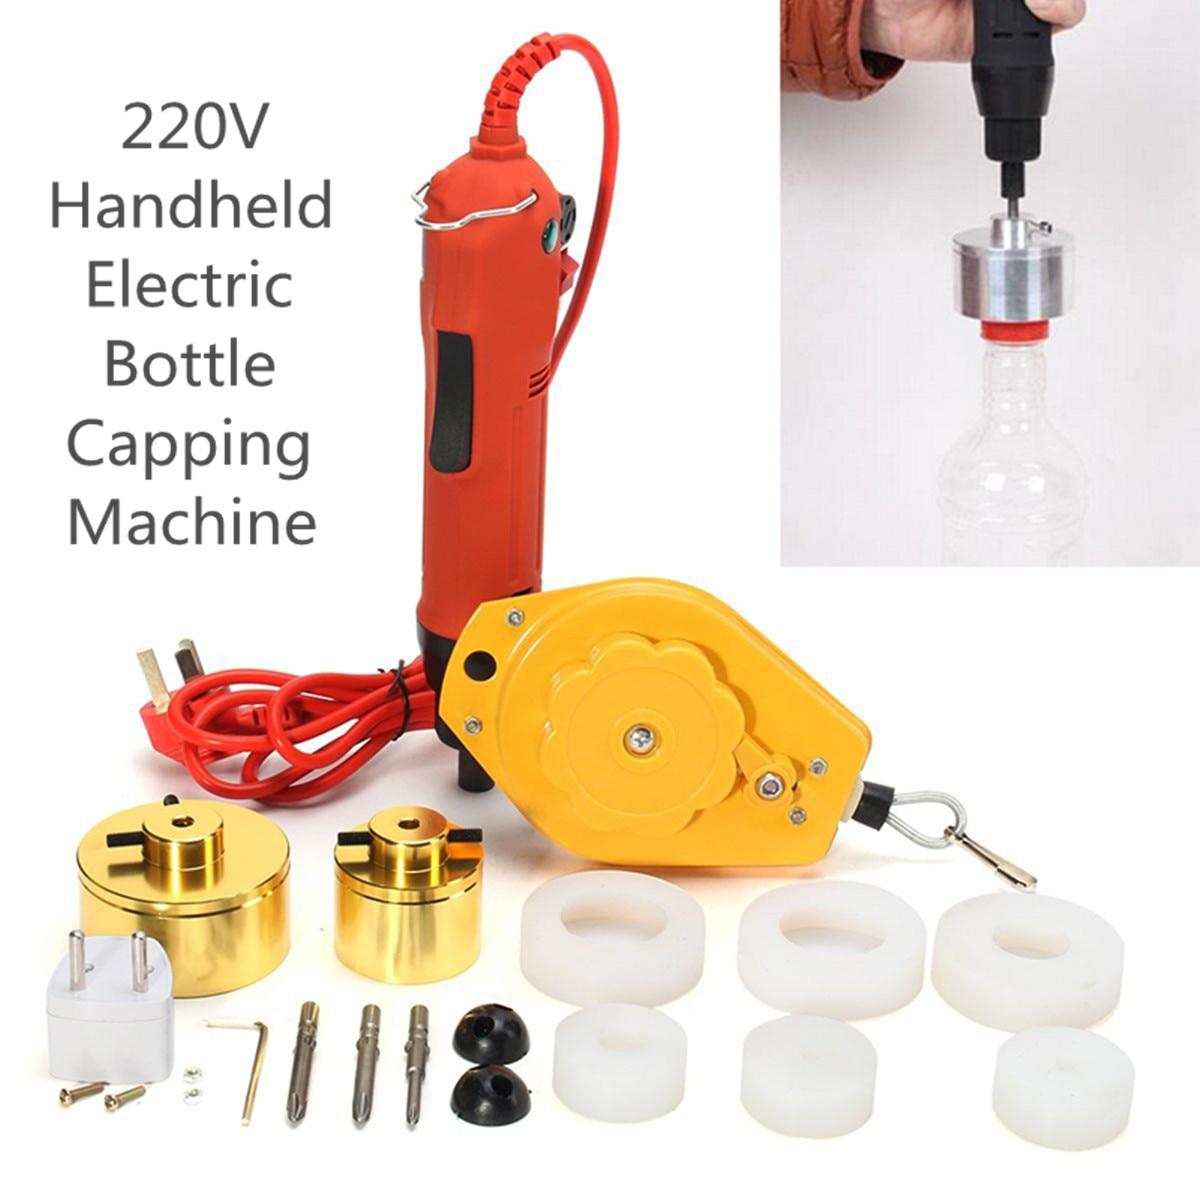 220 فولت المحمولة المحمولة التلقائي الكهربائية زجاجة السد ماكينة تطريز الشد ختم آلة زجاجة كابر مع موازن نابض